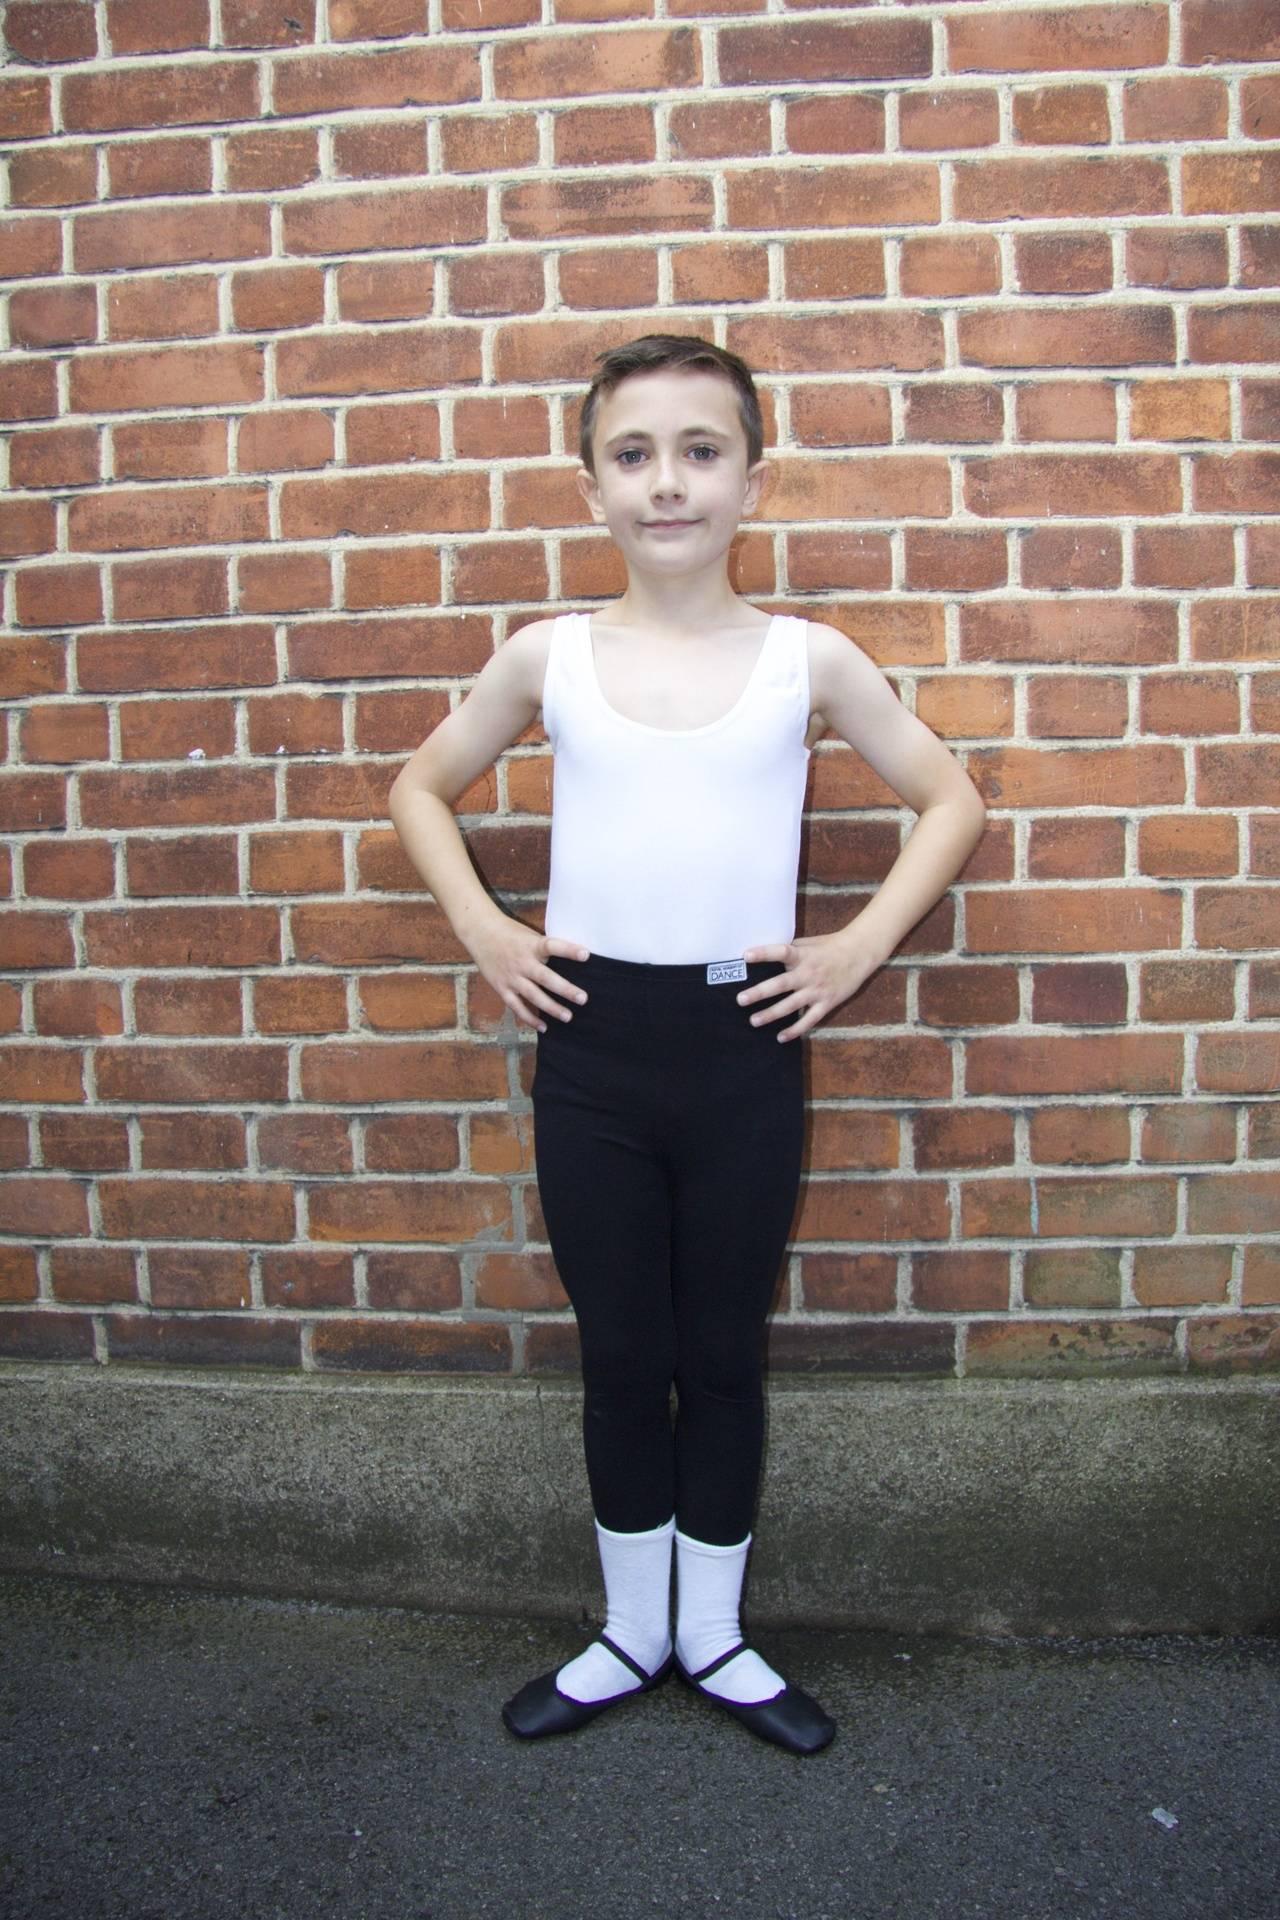 Grade 2 upwards boys uniform